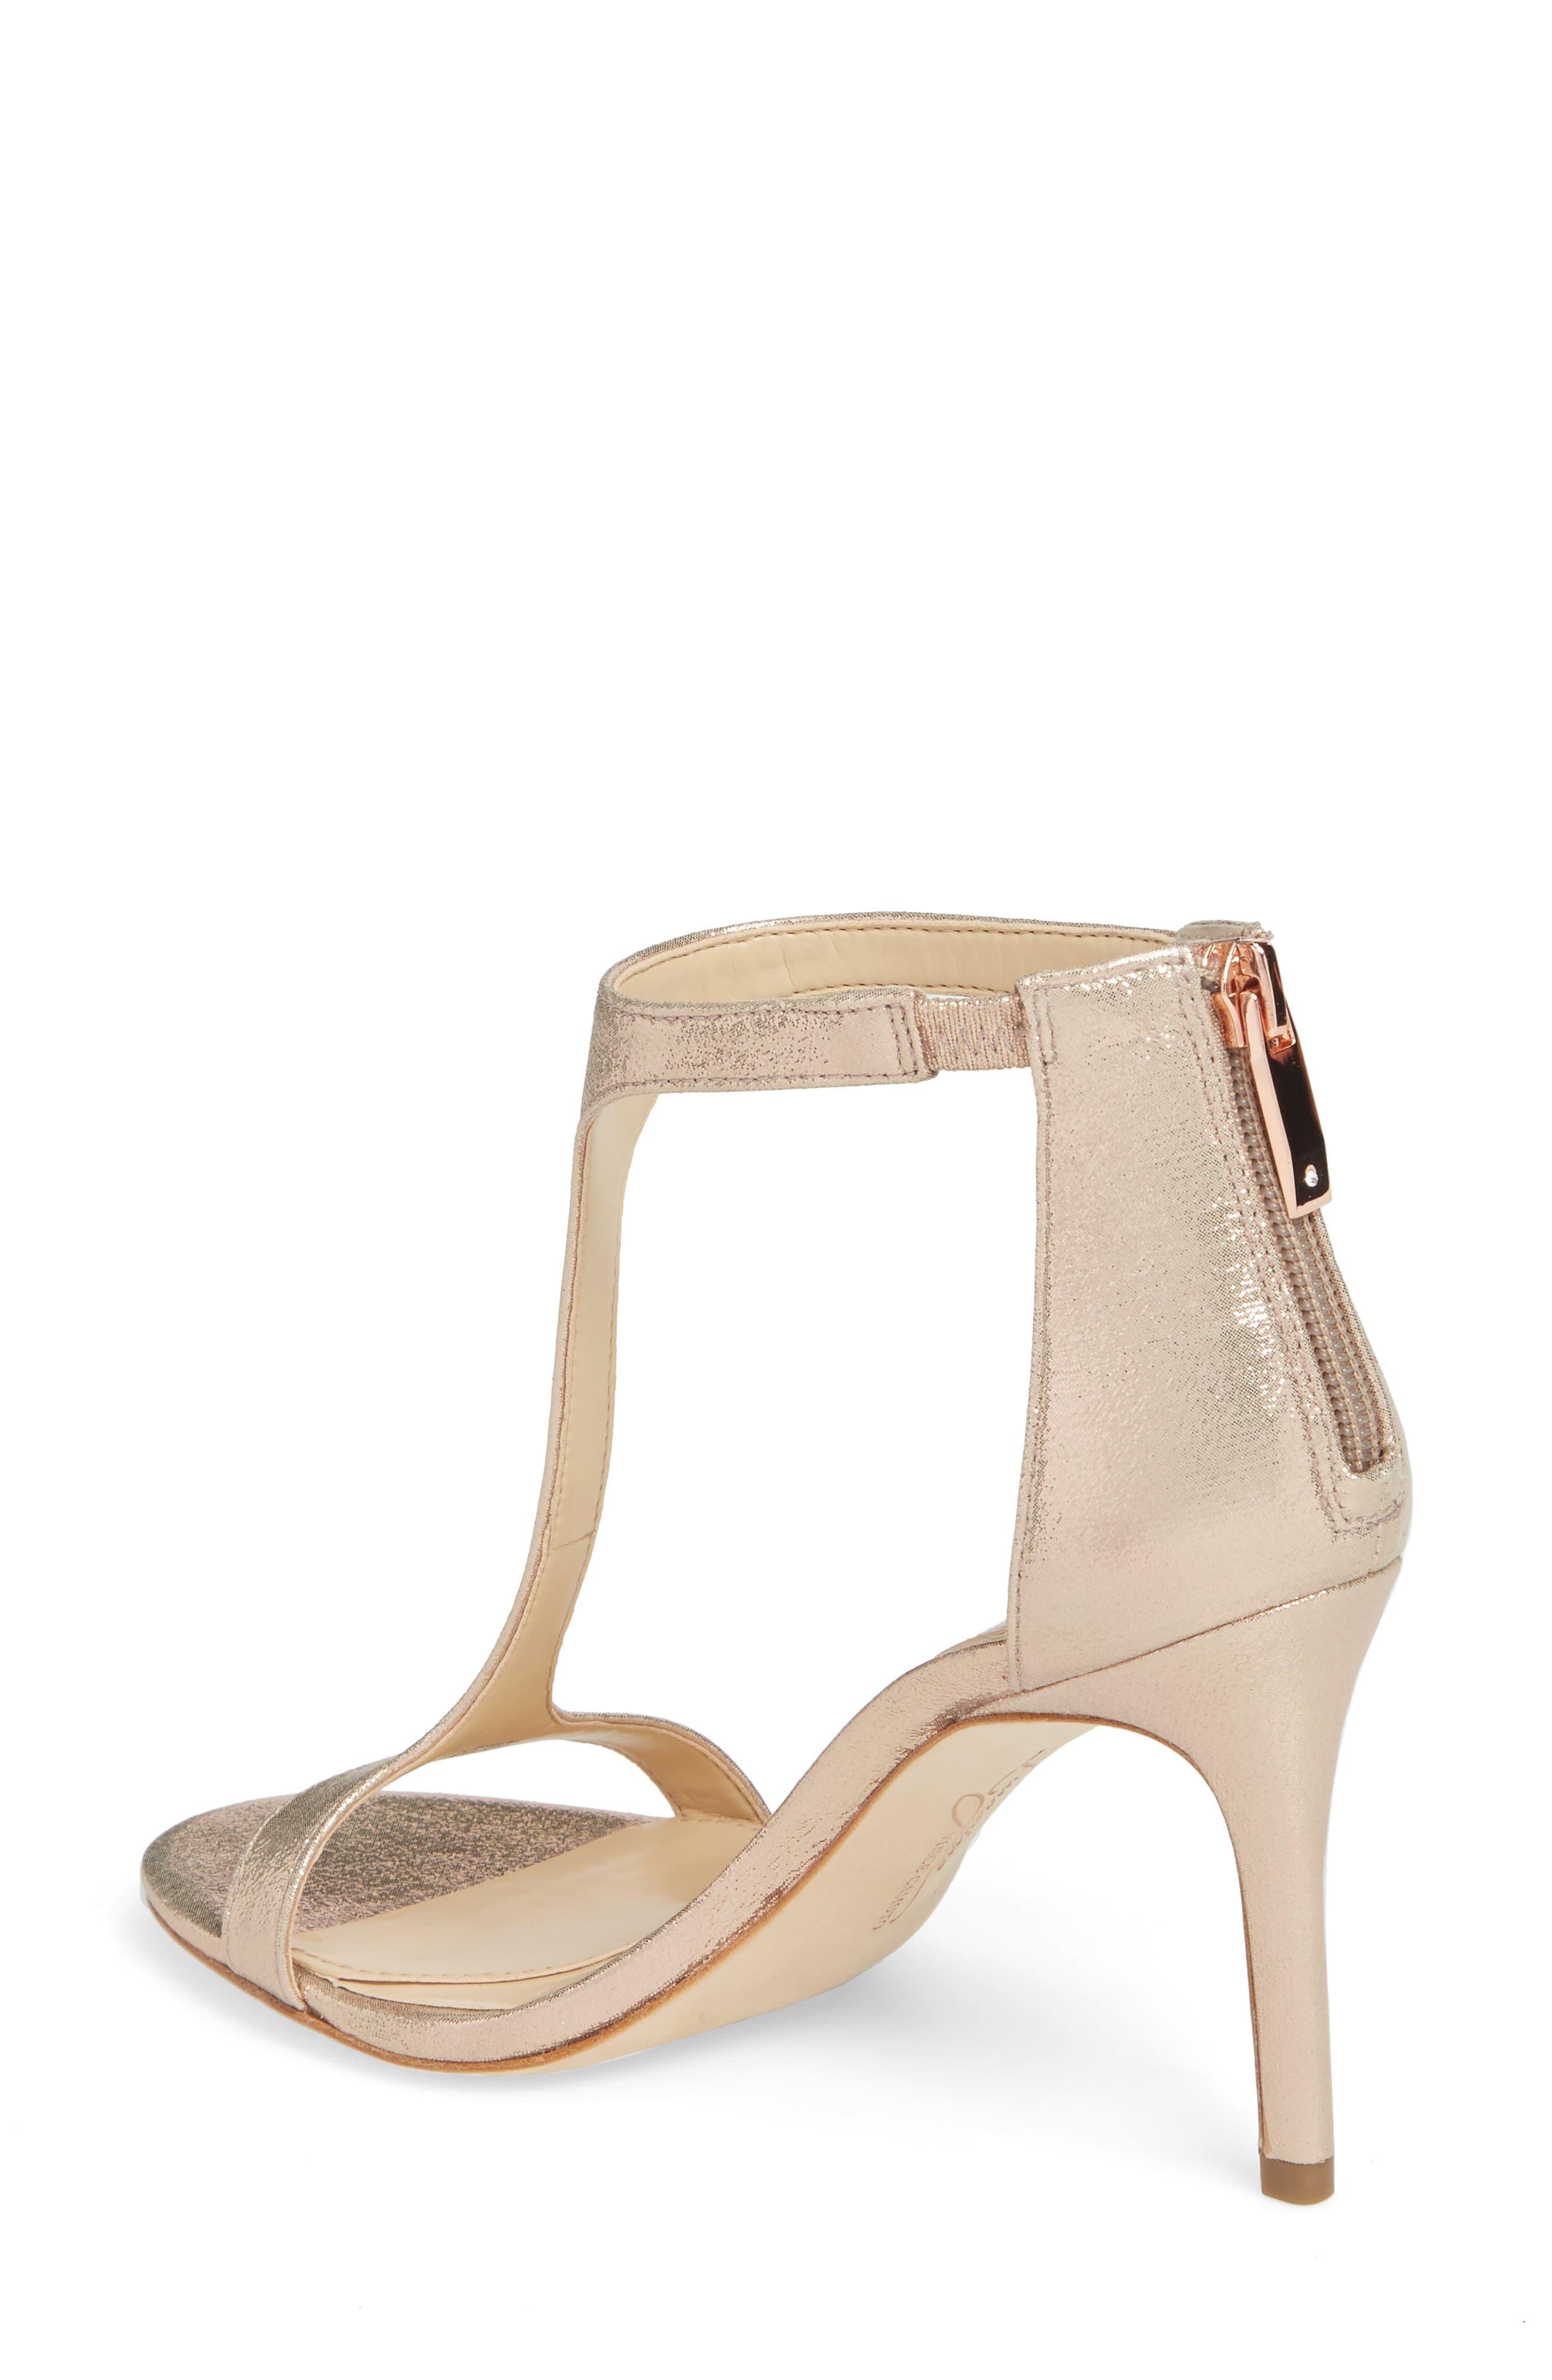 'Phoebe' Embellished T-Strap Sandal,                             Alternate thumbnail 15, color,